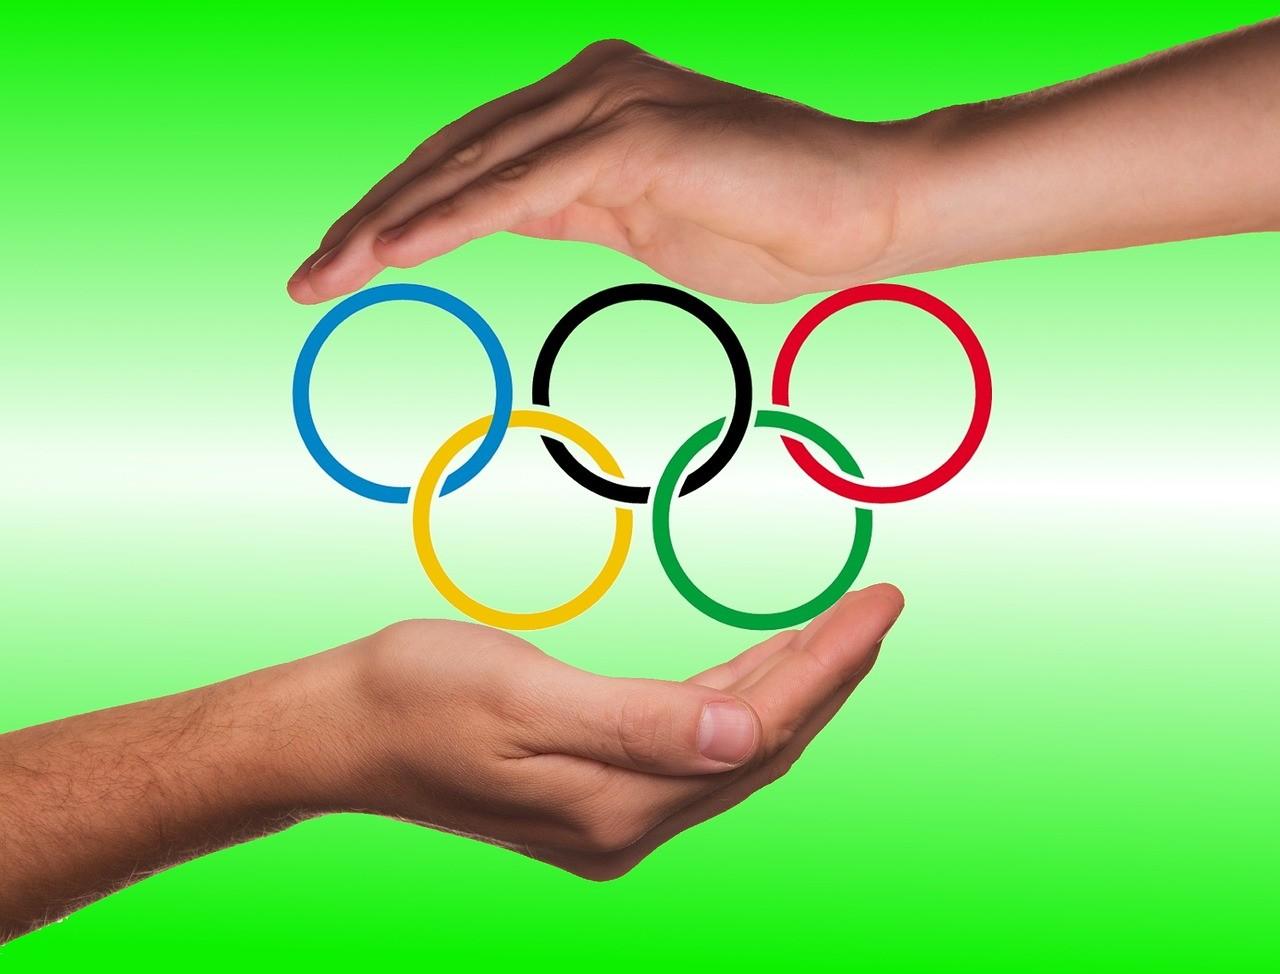 Olimpíadas 2016: Ministério do Turismo oferece treinamento online gratuito